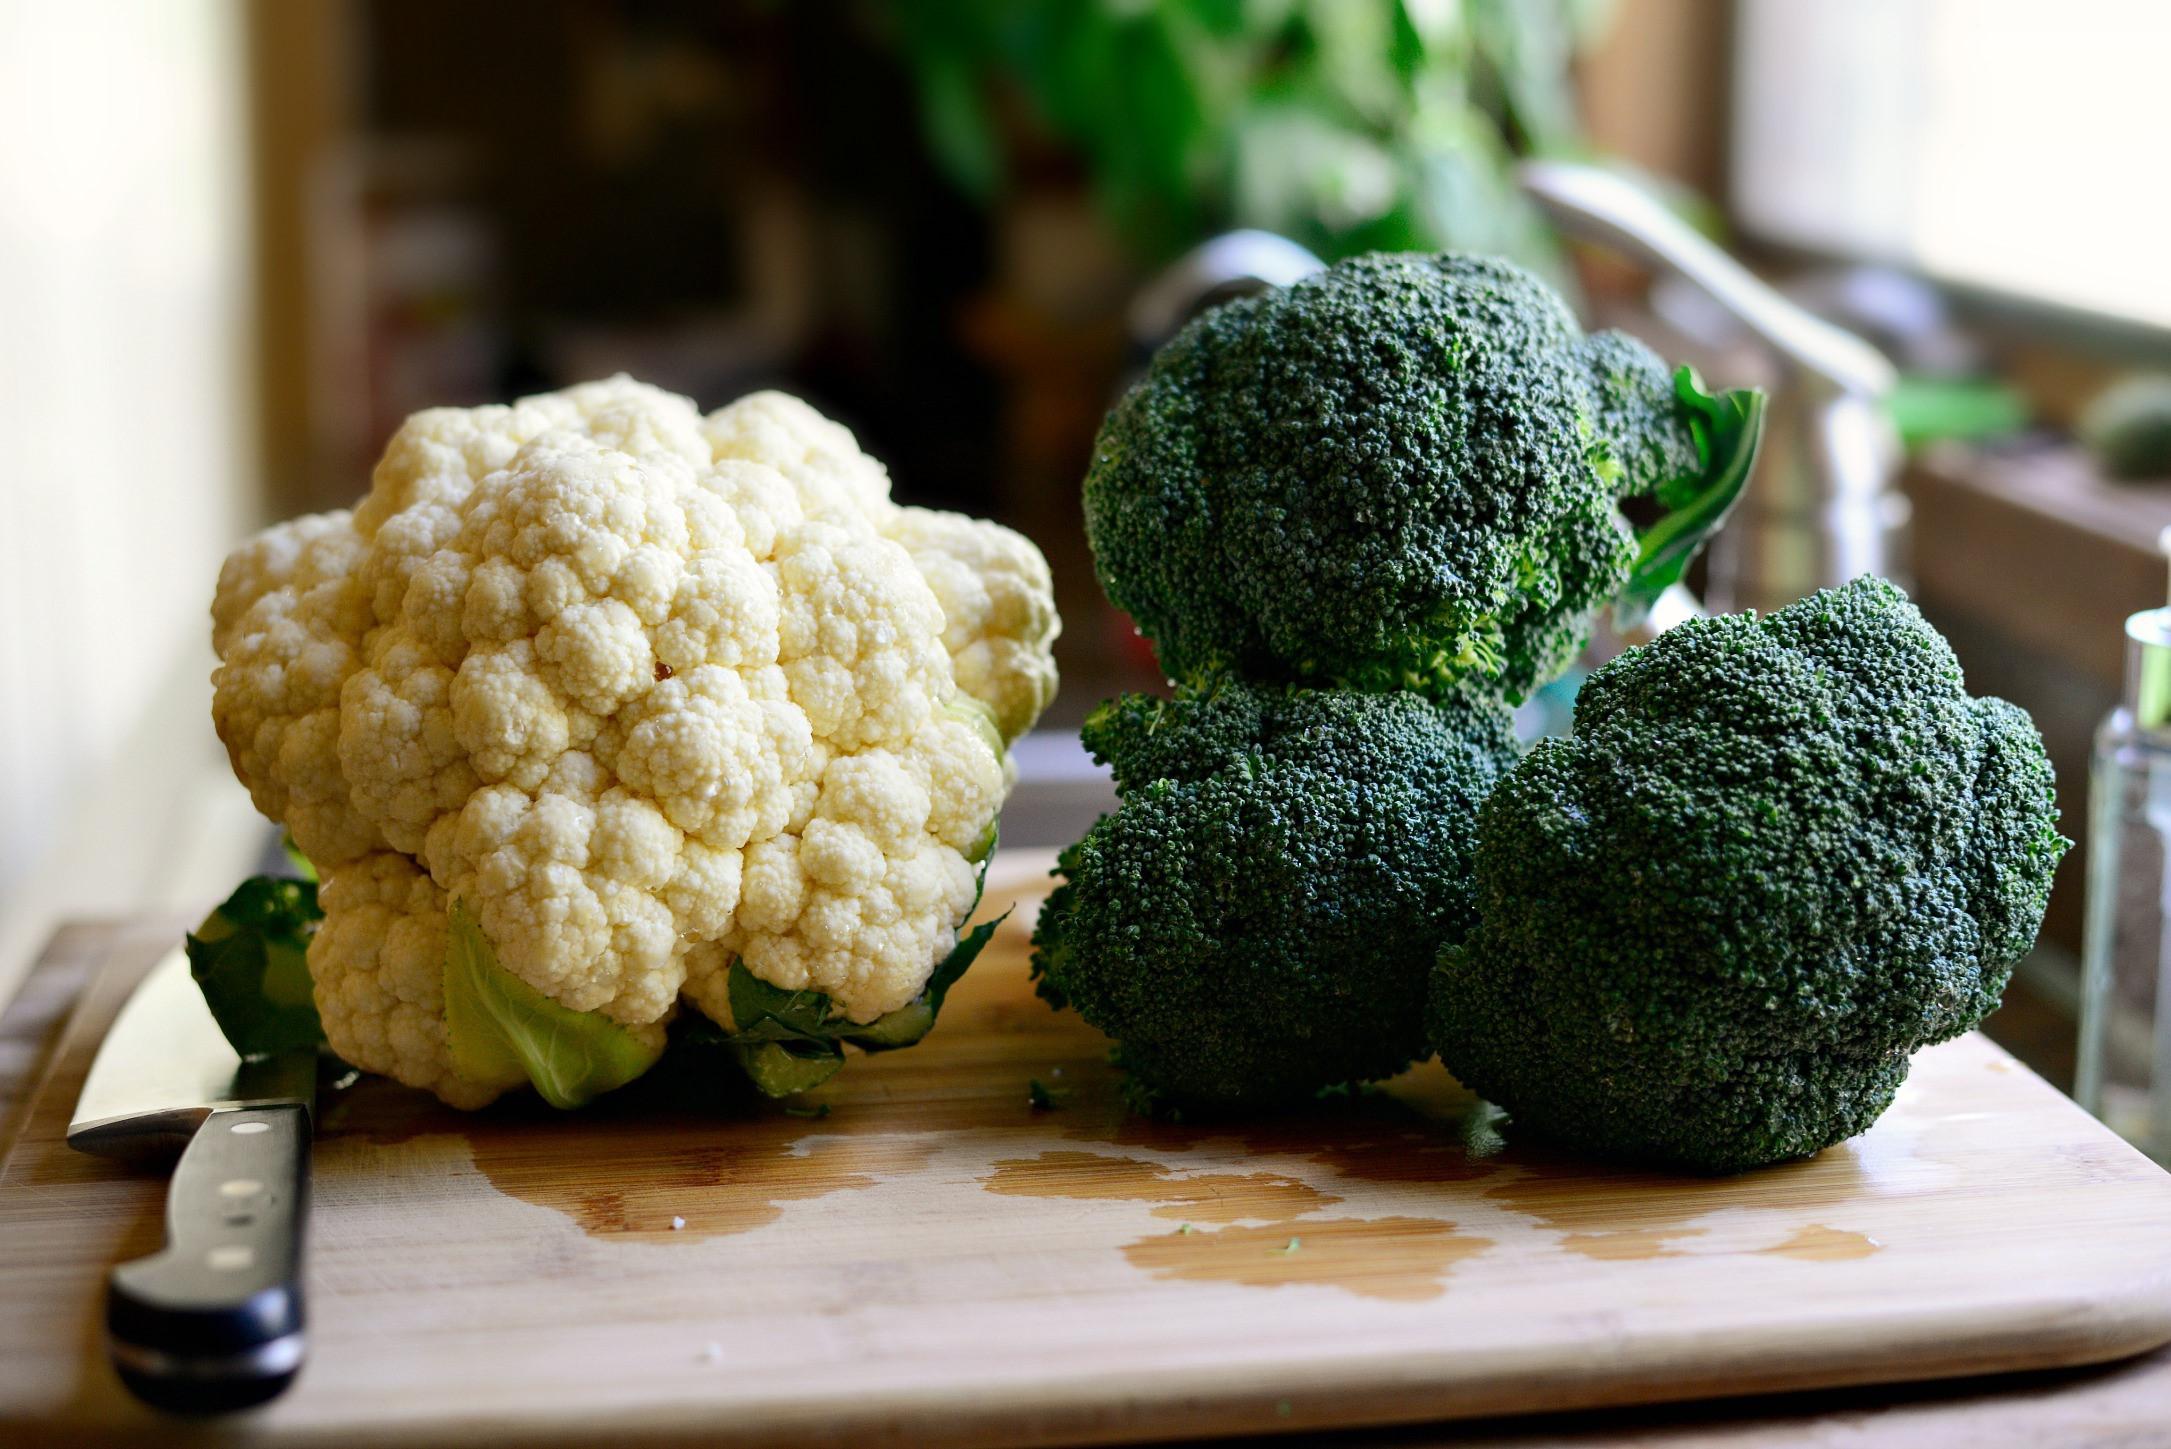 Thanh lọc, thải độc cơ thể nhờ biết nạp những thực phẩm sau vào chế độ ăn uống mỗi ngày - Ảnh 2.